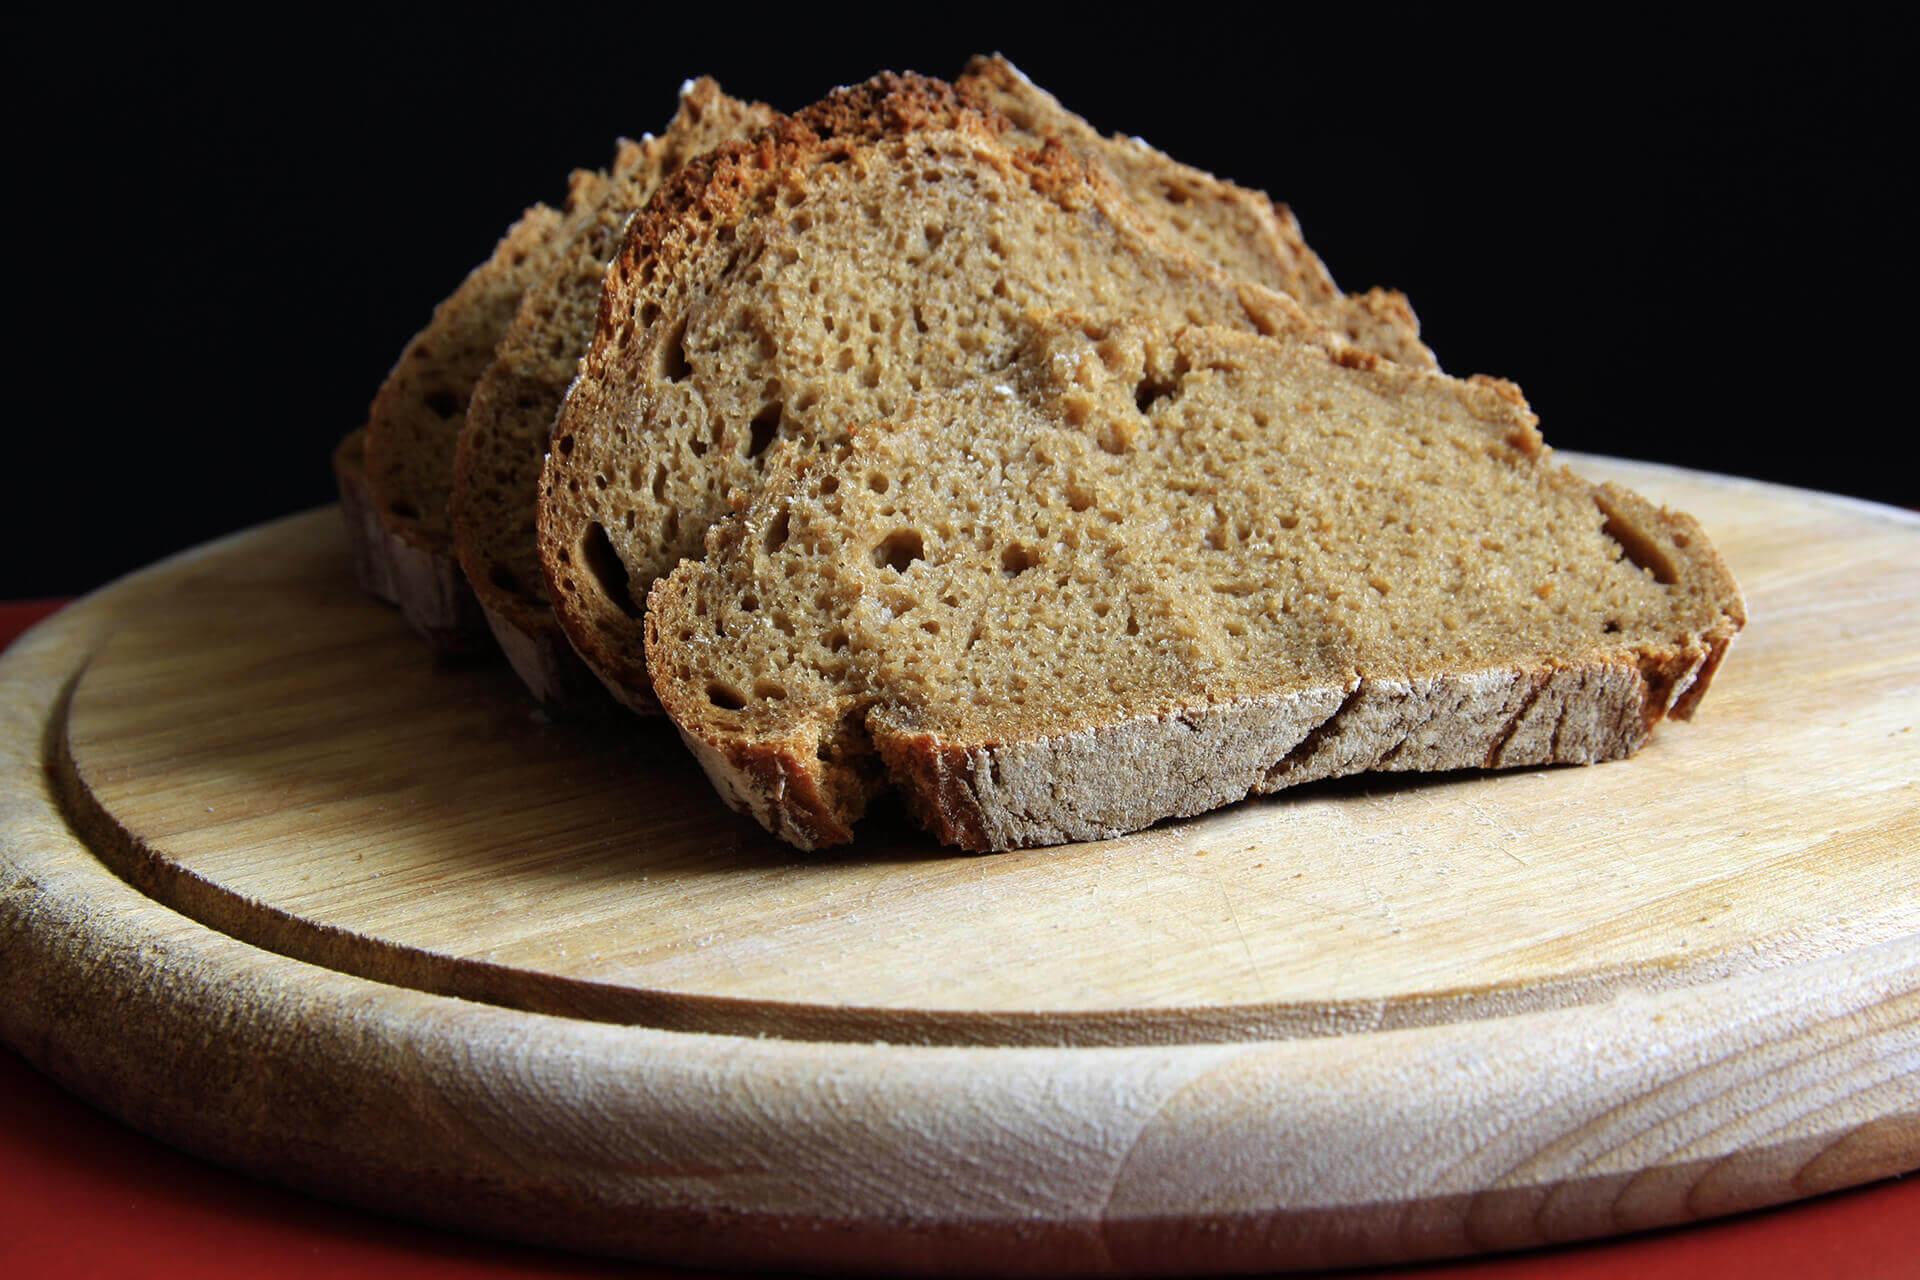 Chleb biszkoptowy z mąką migdałową i słonecznikową